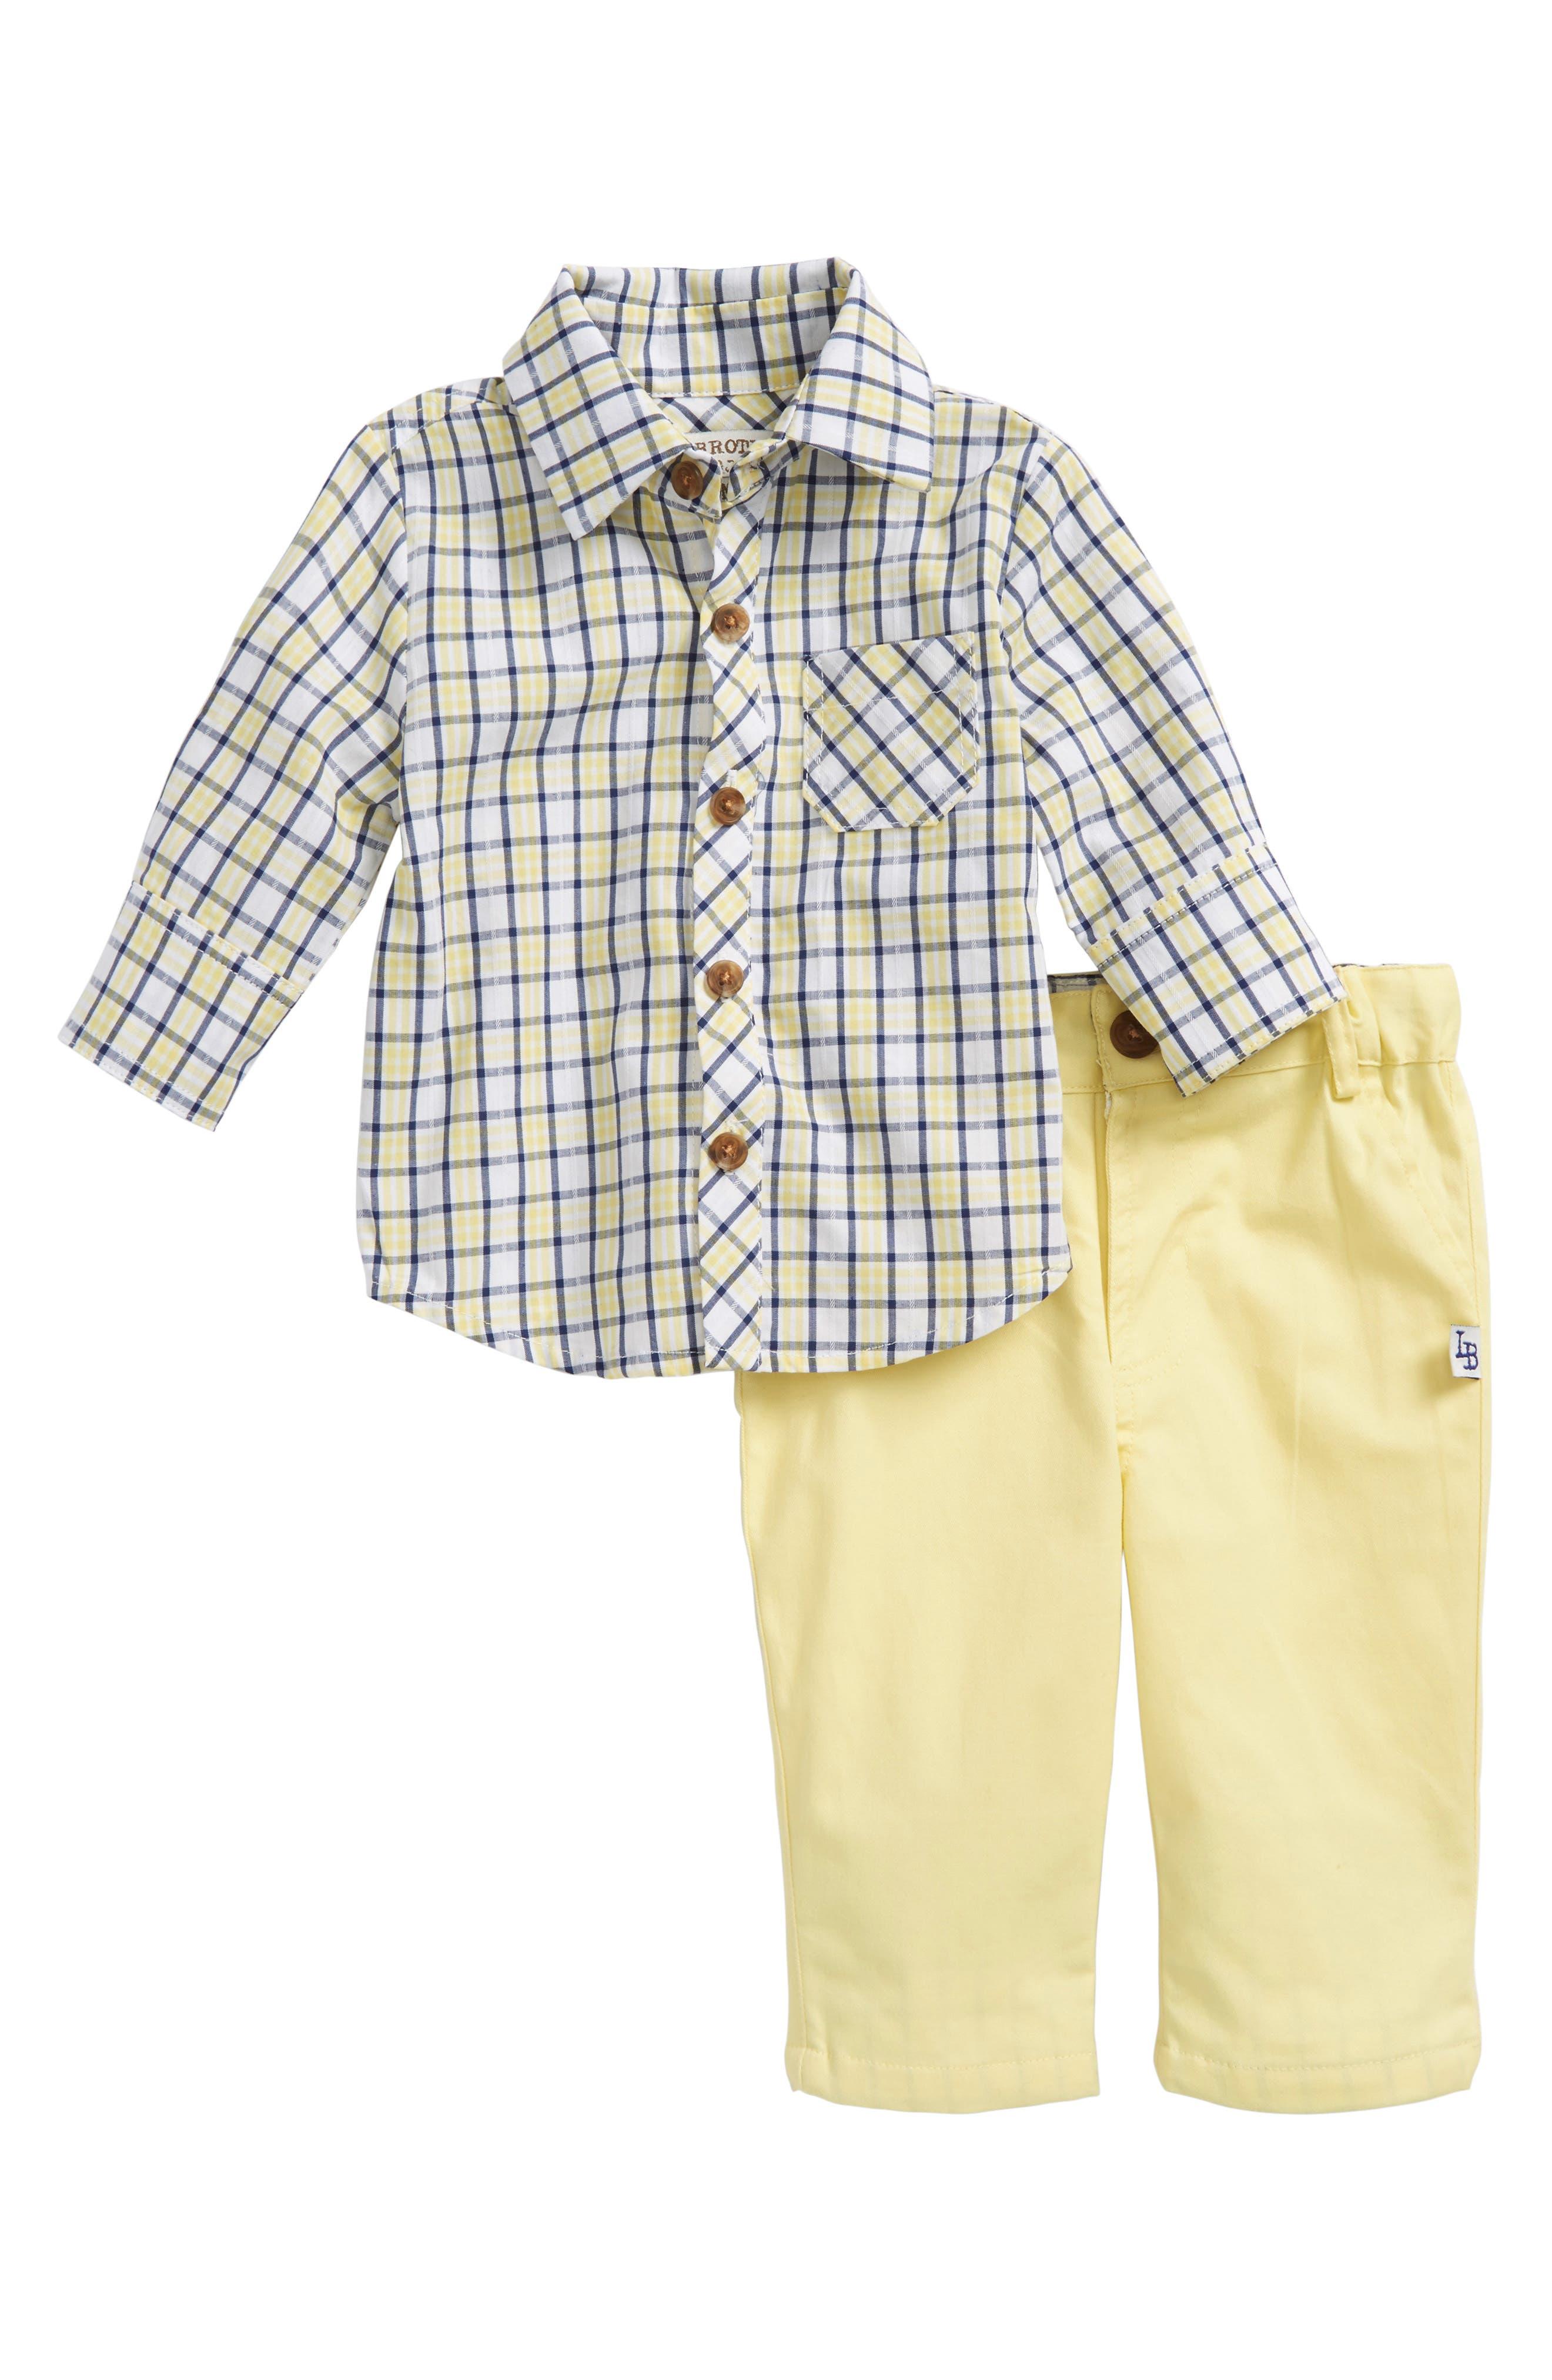 Plaid Top & Pants Set,                         Main,                         color, Yellow/ Blue